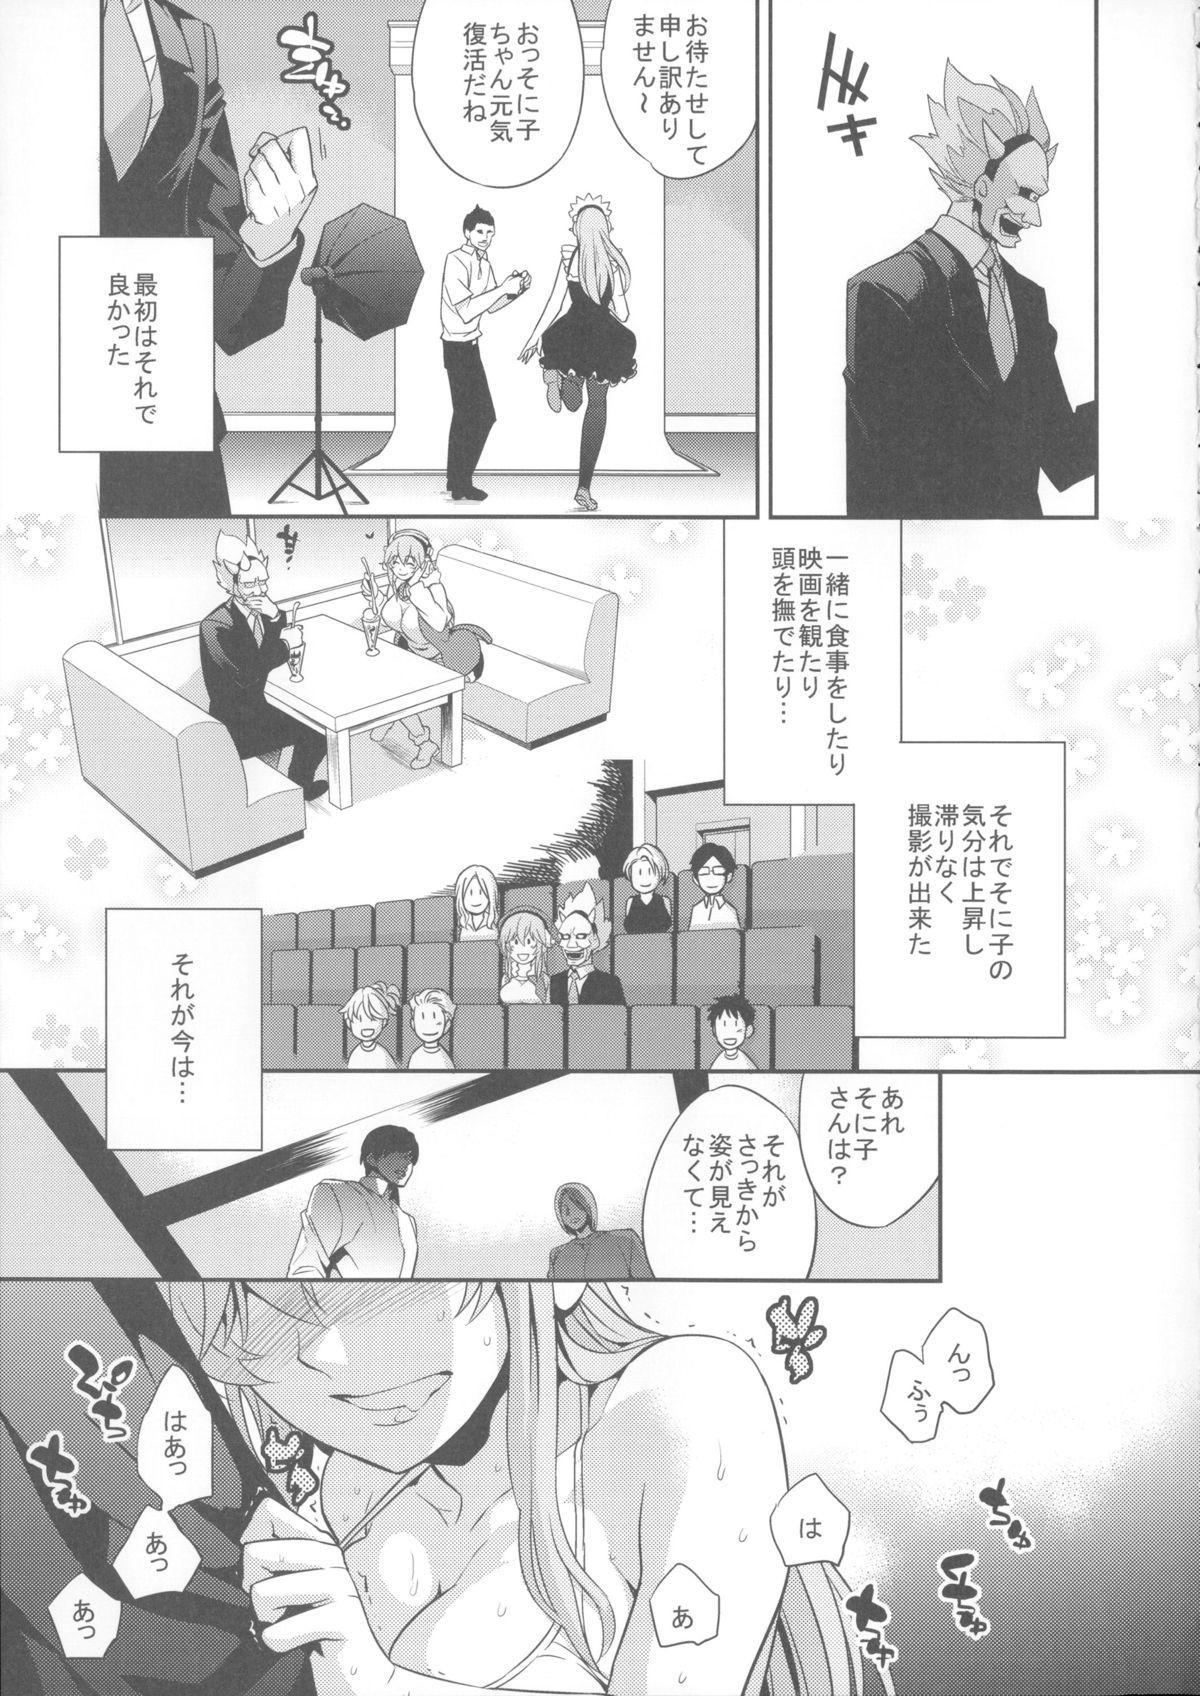 (SC63) [Crazy9 (Ichitaka)] C9-10 Soni-Ero (Super Sonico) 3